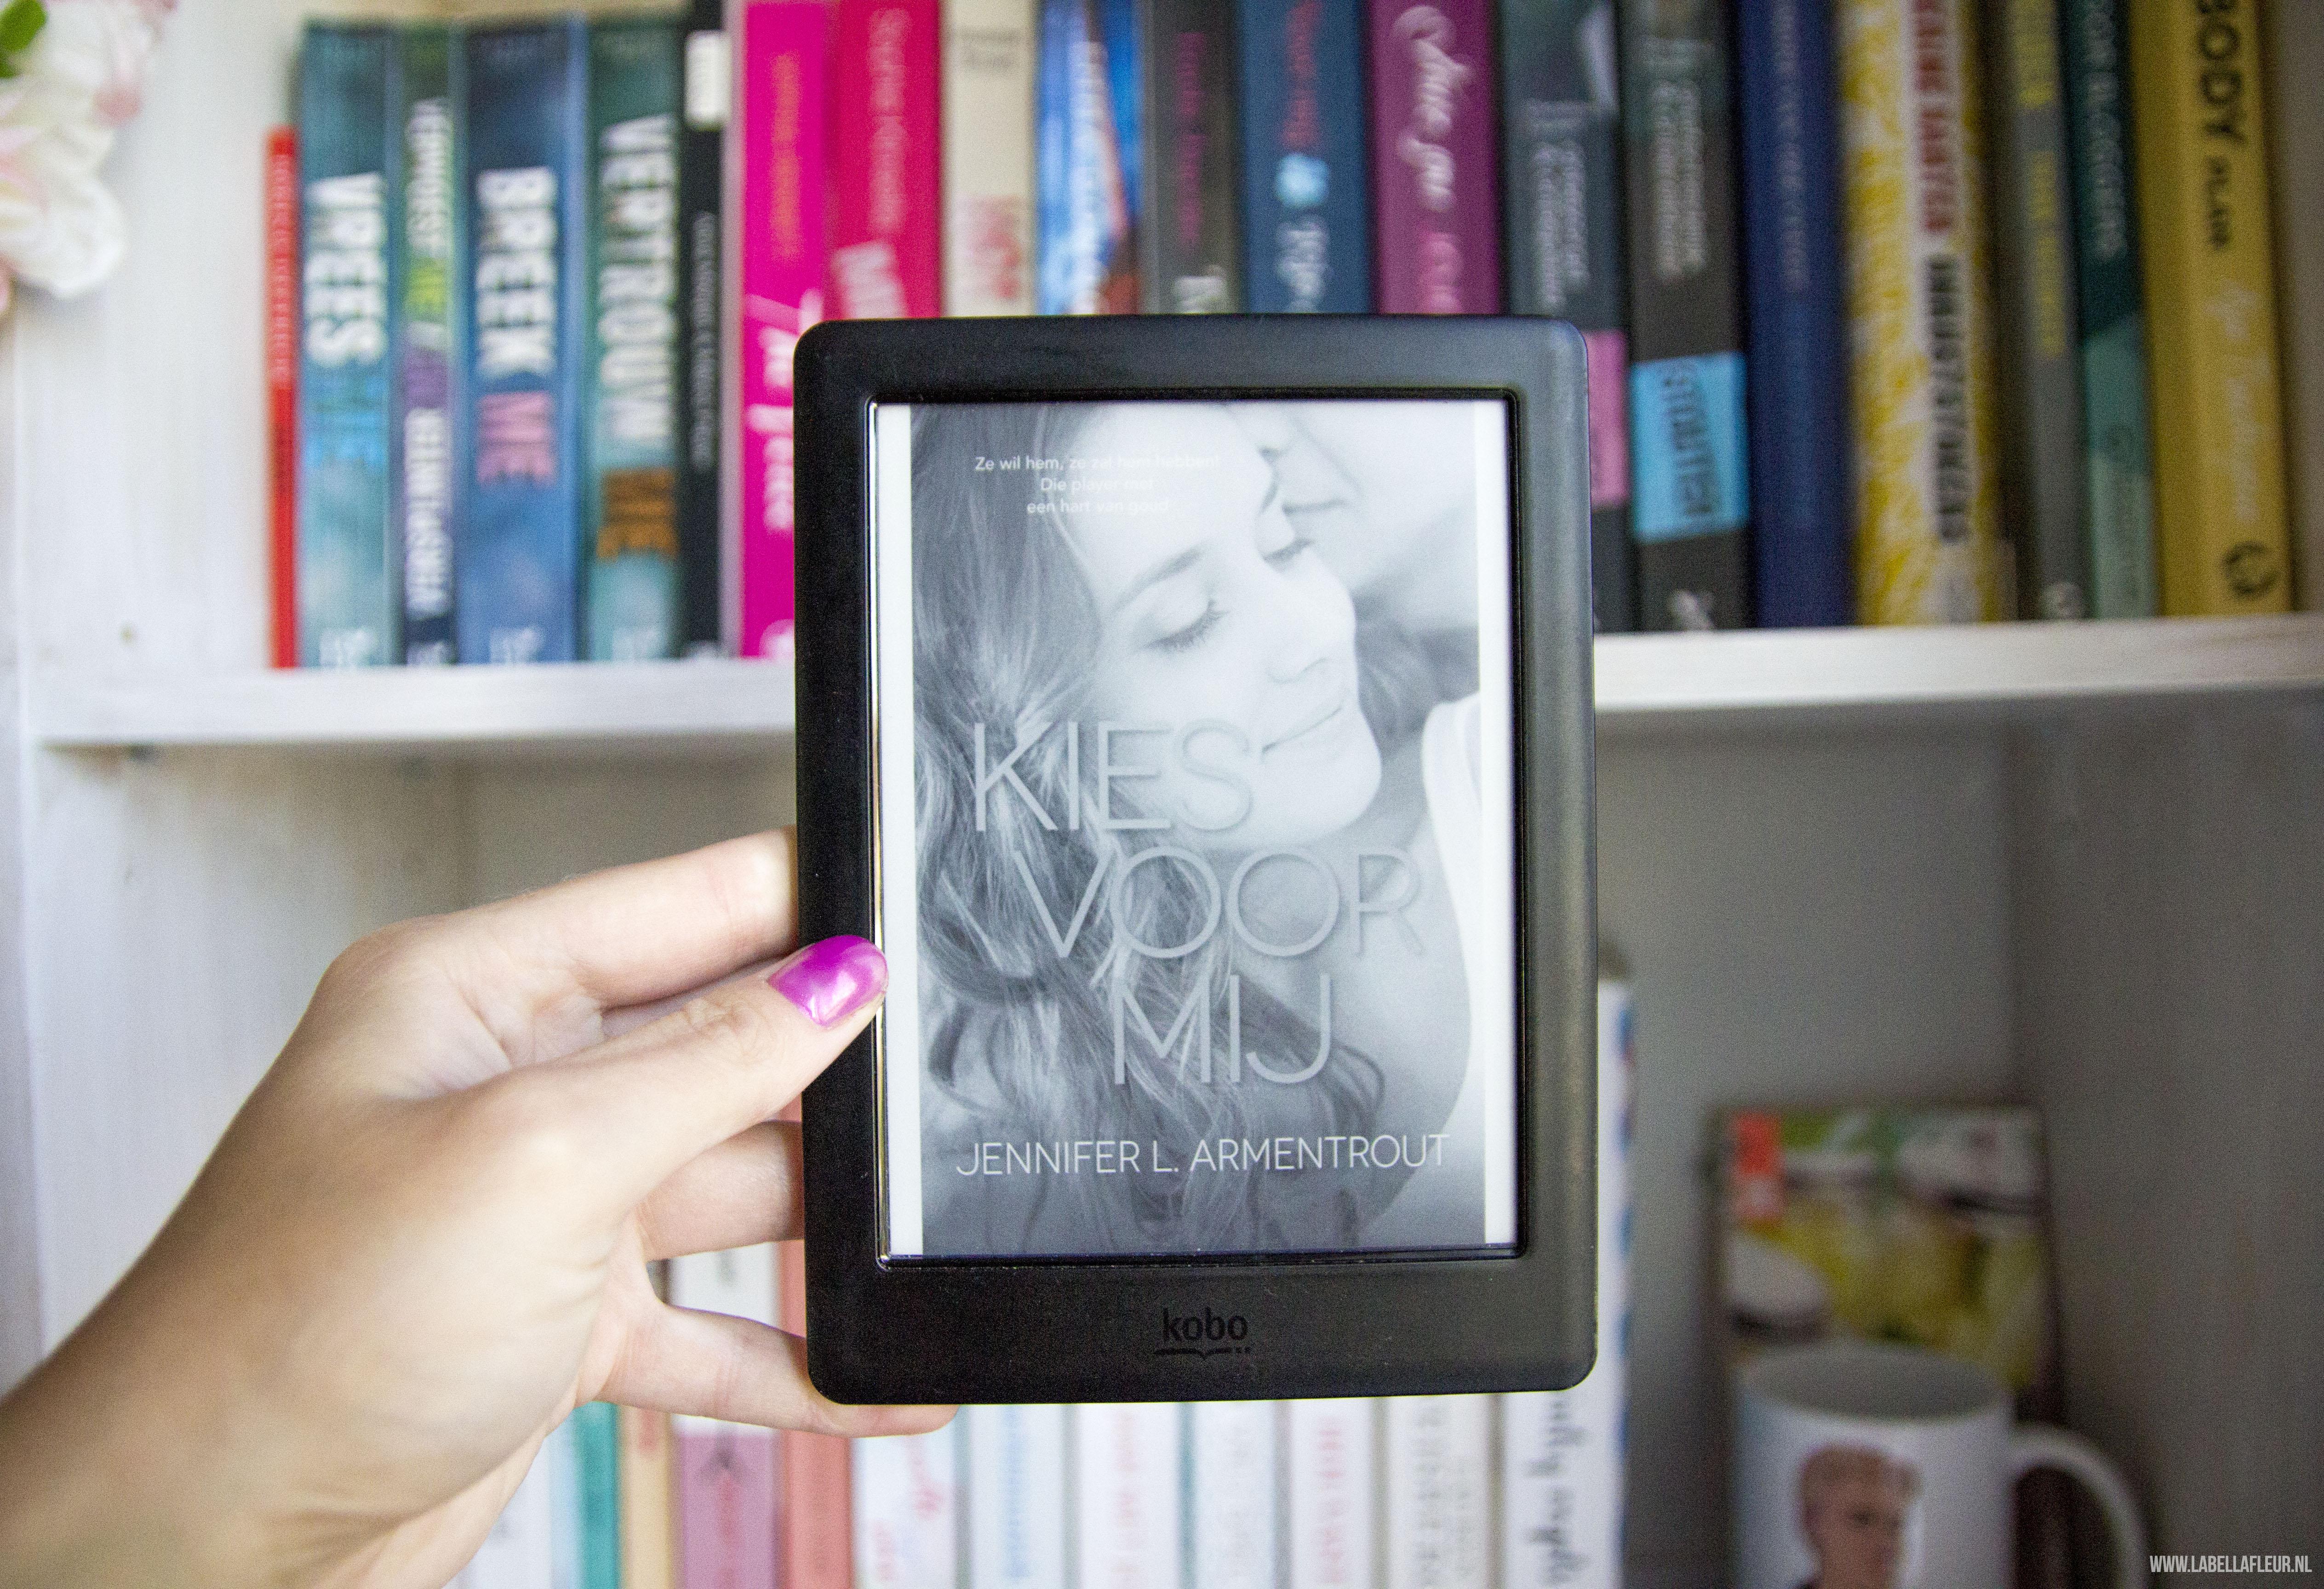 Boeken, kies voor mij, #wachtopmij, jennifer l Armentrout